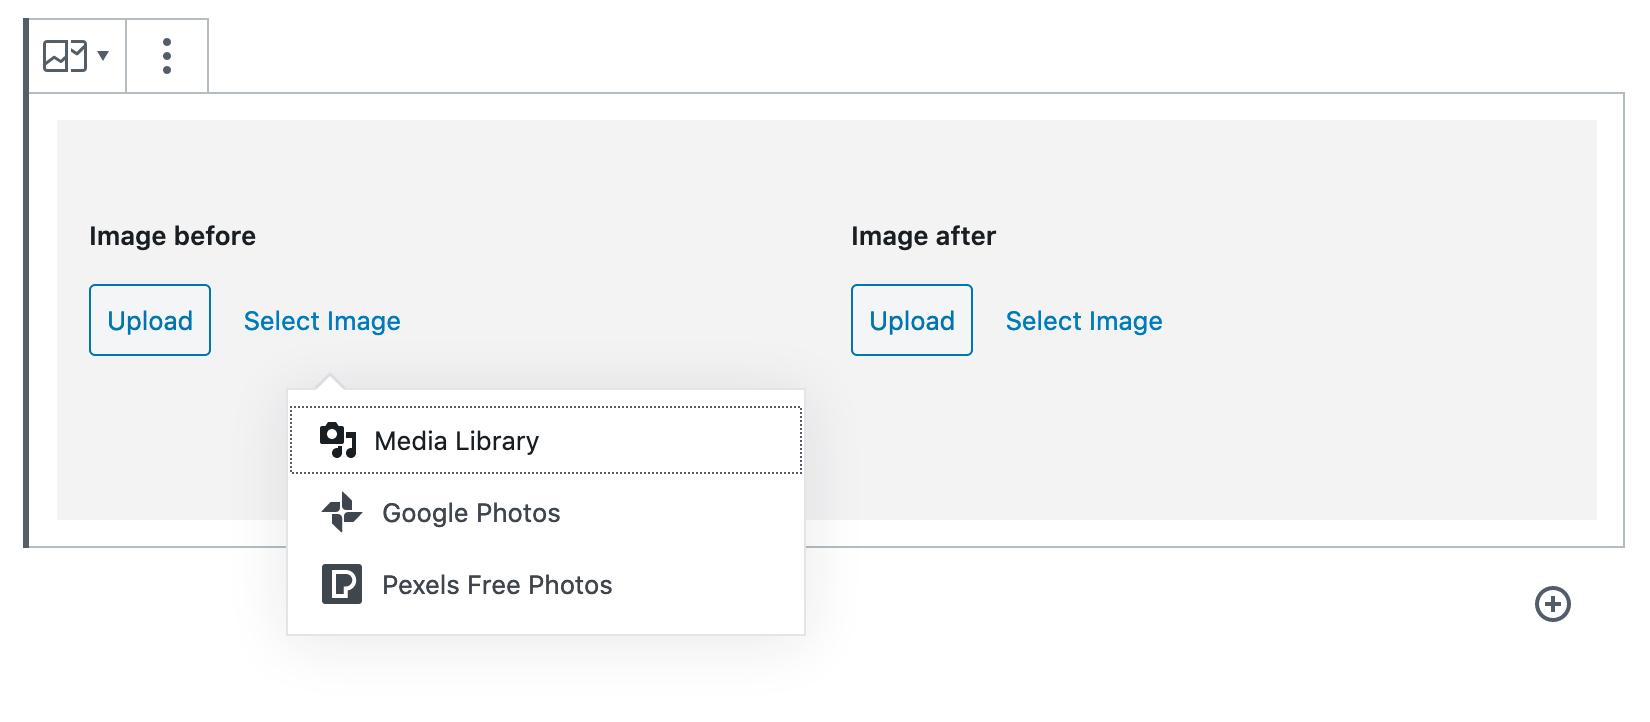 image-compare-select